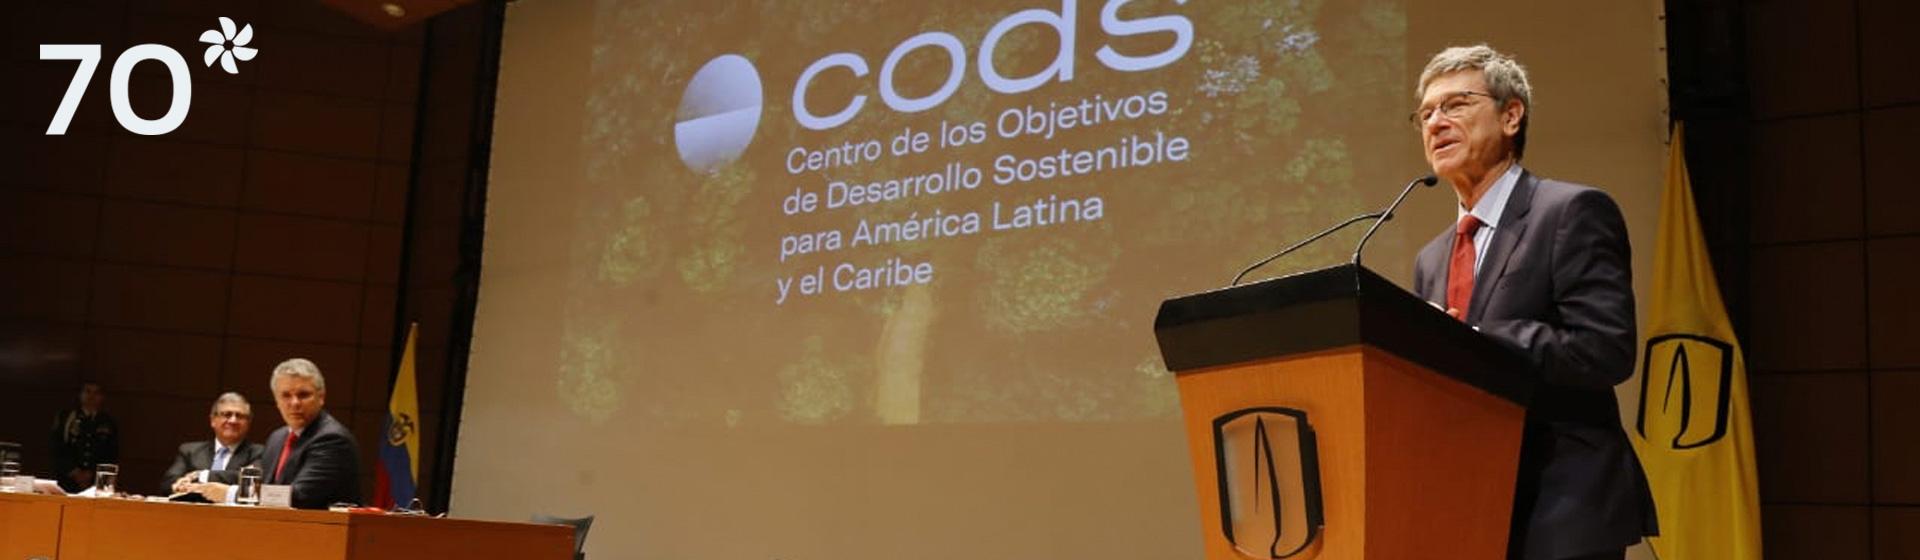 Jeffrey Sachs interviene en el lanzamiento del Centro de Desarrollo Sostenible, con sede en Los Andes.